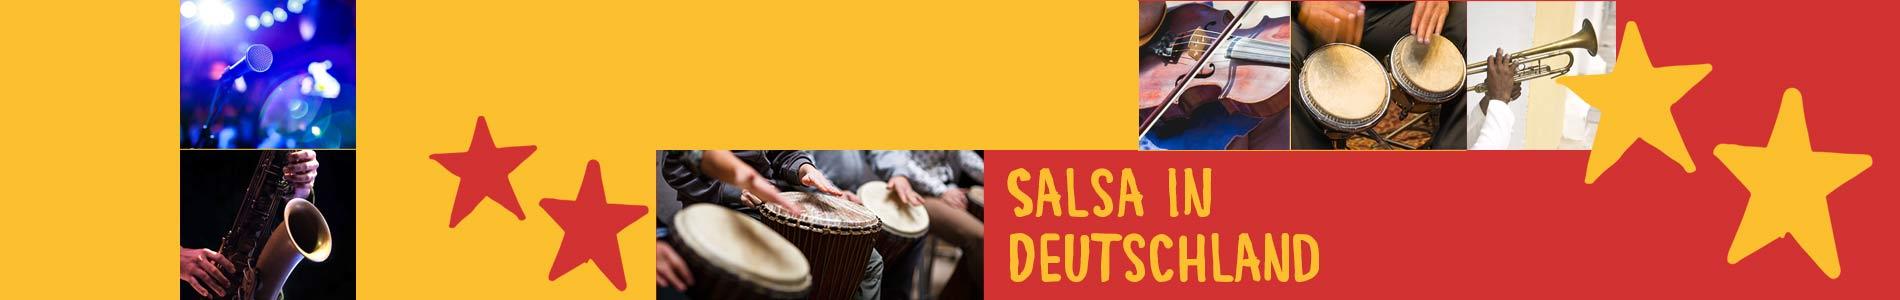 Salsa in Brotterode – Salsa lernen und tanzen, Tanzkurse, Partys, Veranstaltungen